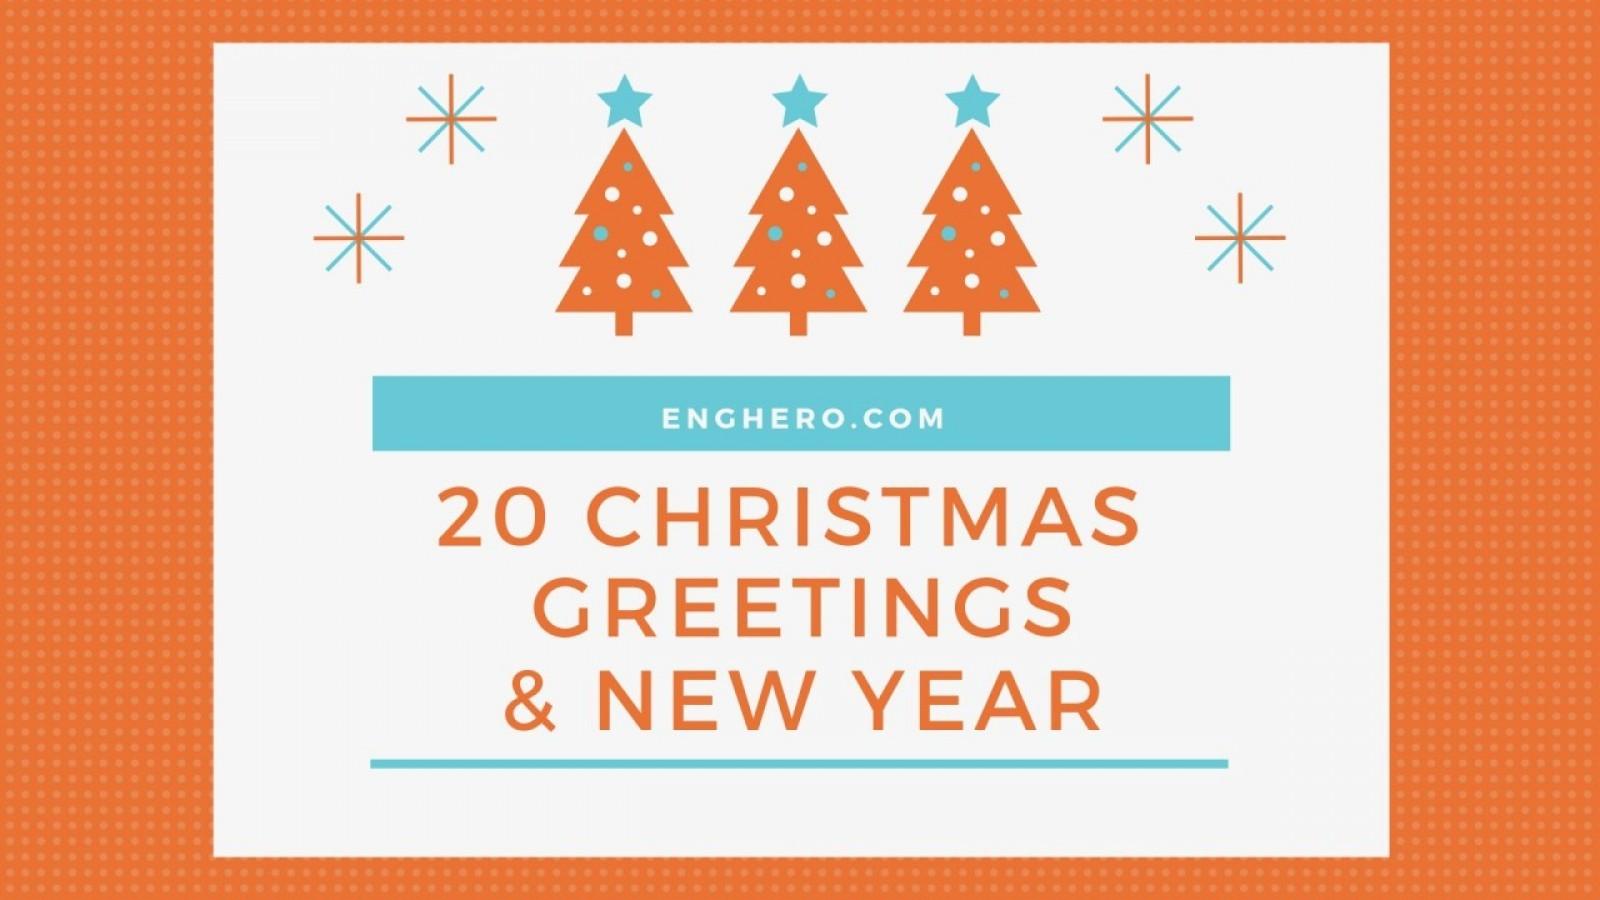 [อัปเดต ปี 2019] - 20 คำอวยพรคริสต์มาส-ปีใหม่ (20 Christmas greetings - New Year) | Eng Hero เรียนภาษาอังกฤษ ออนไลน์ ฟรี